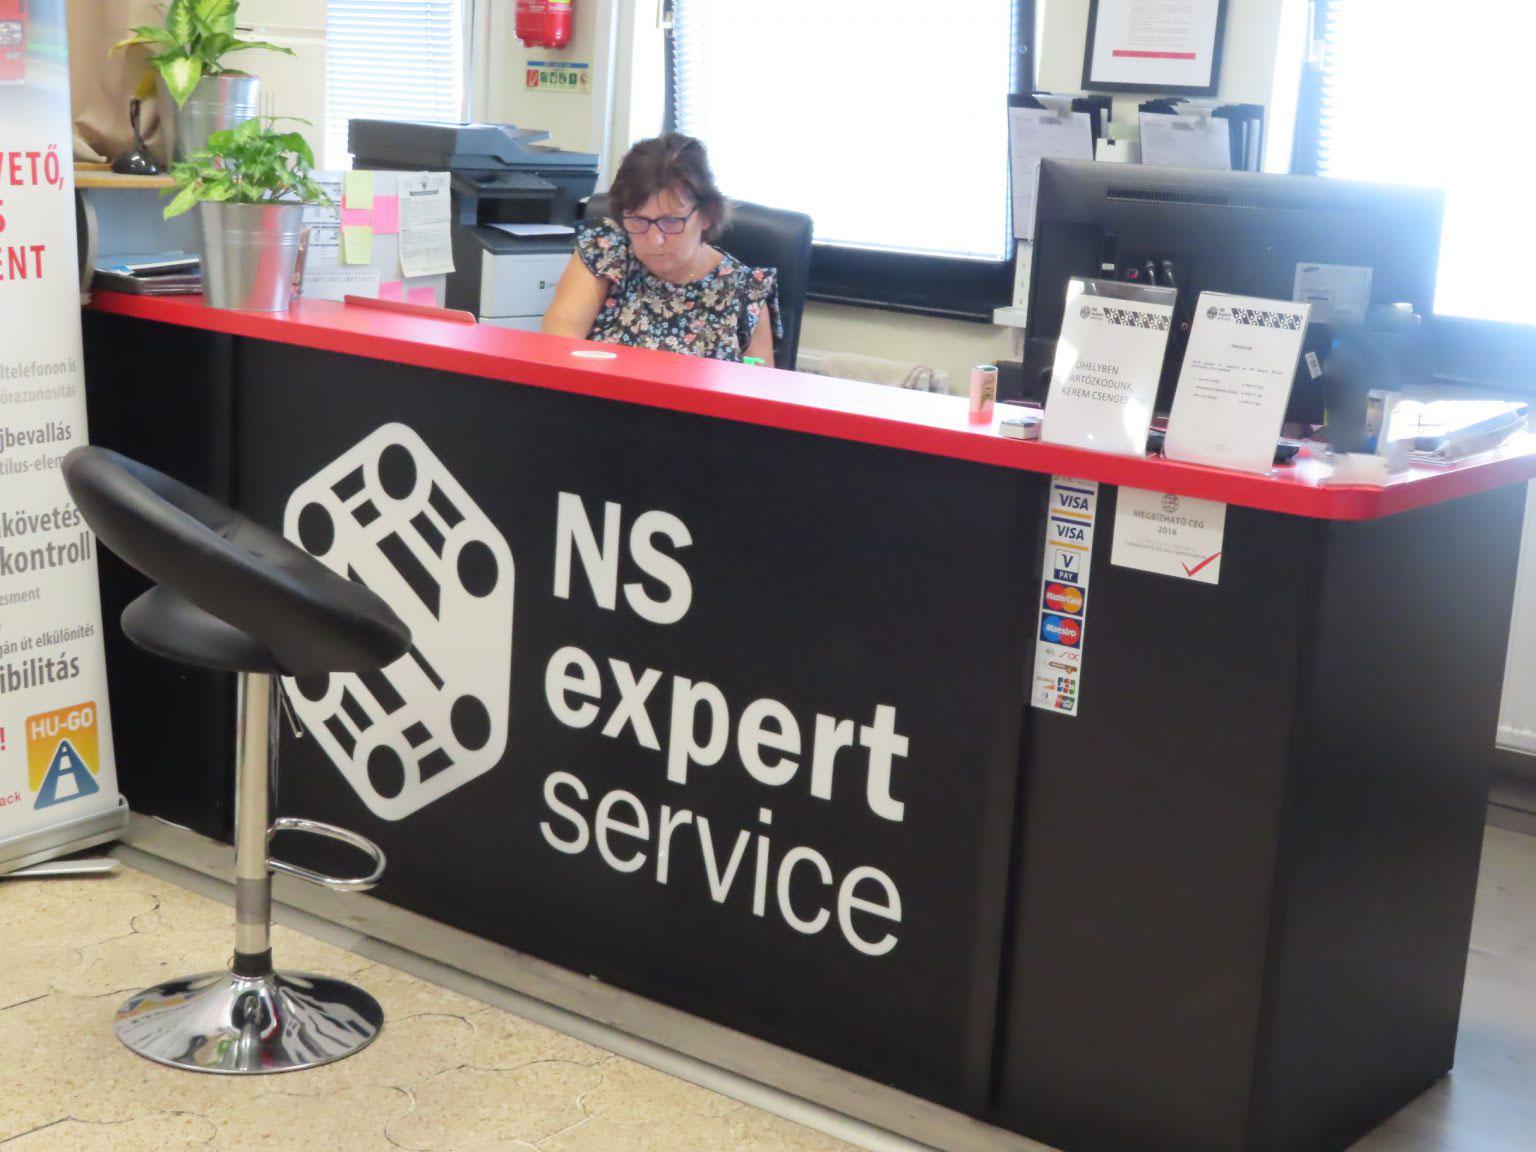 _lNS-Expert-ugyfelter-1536x1152-1